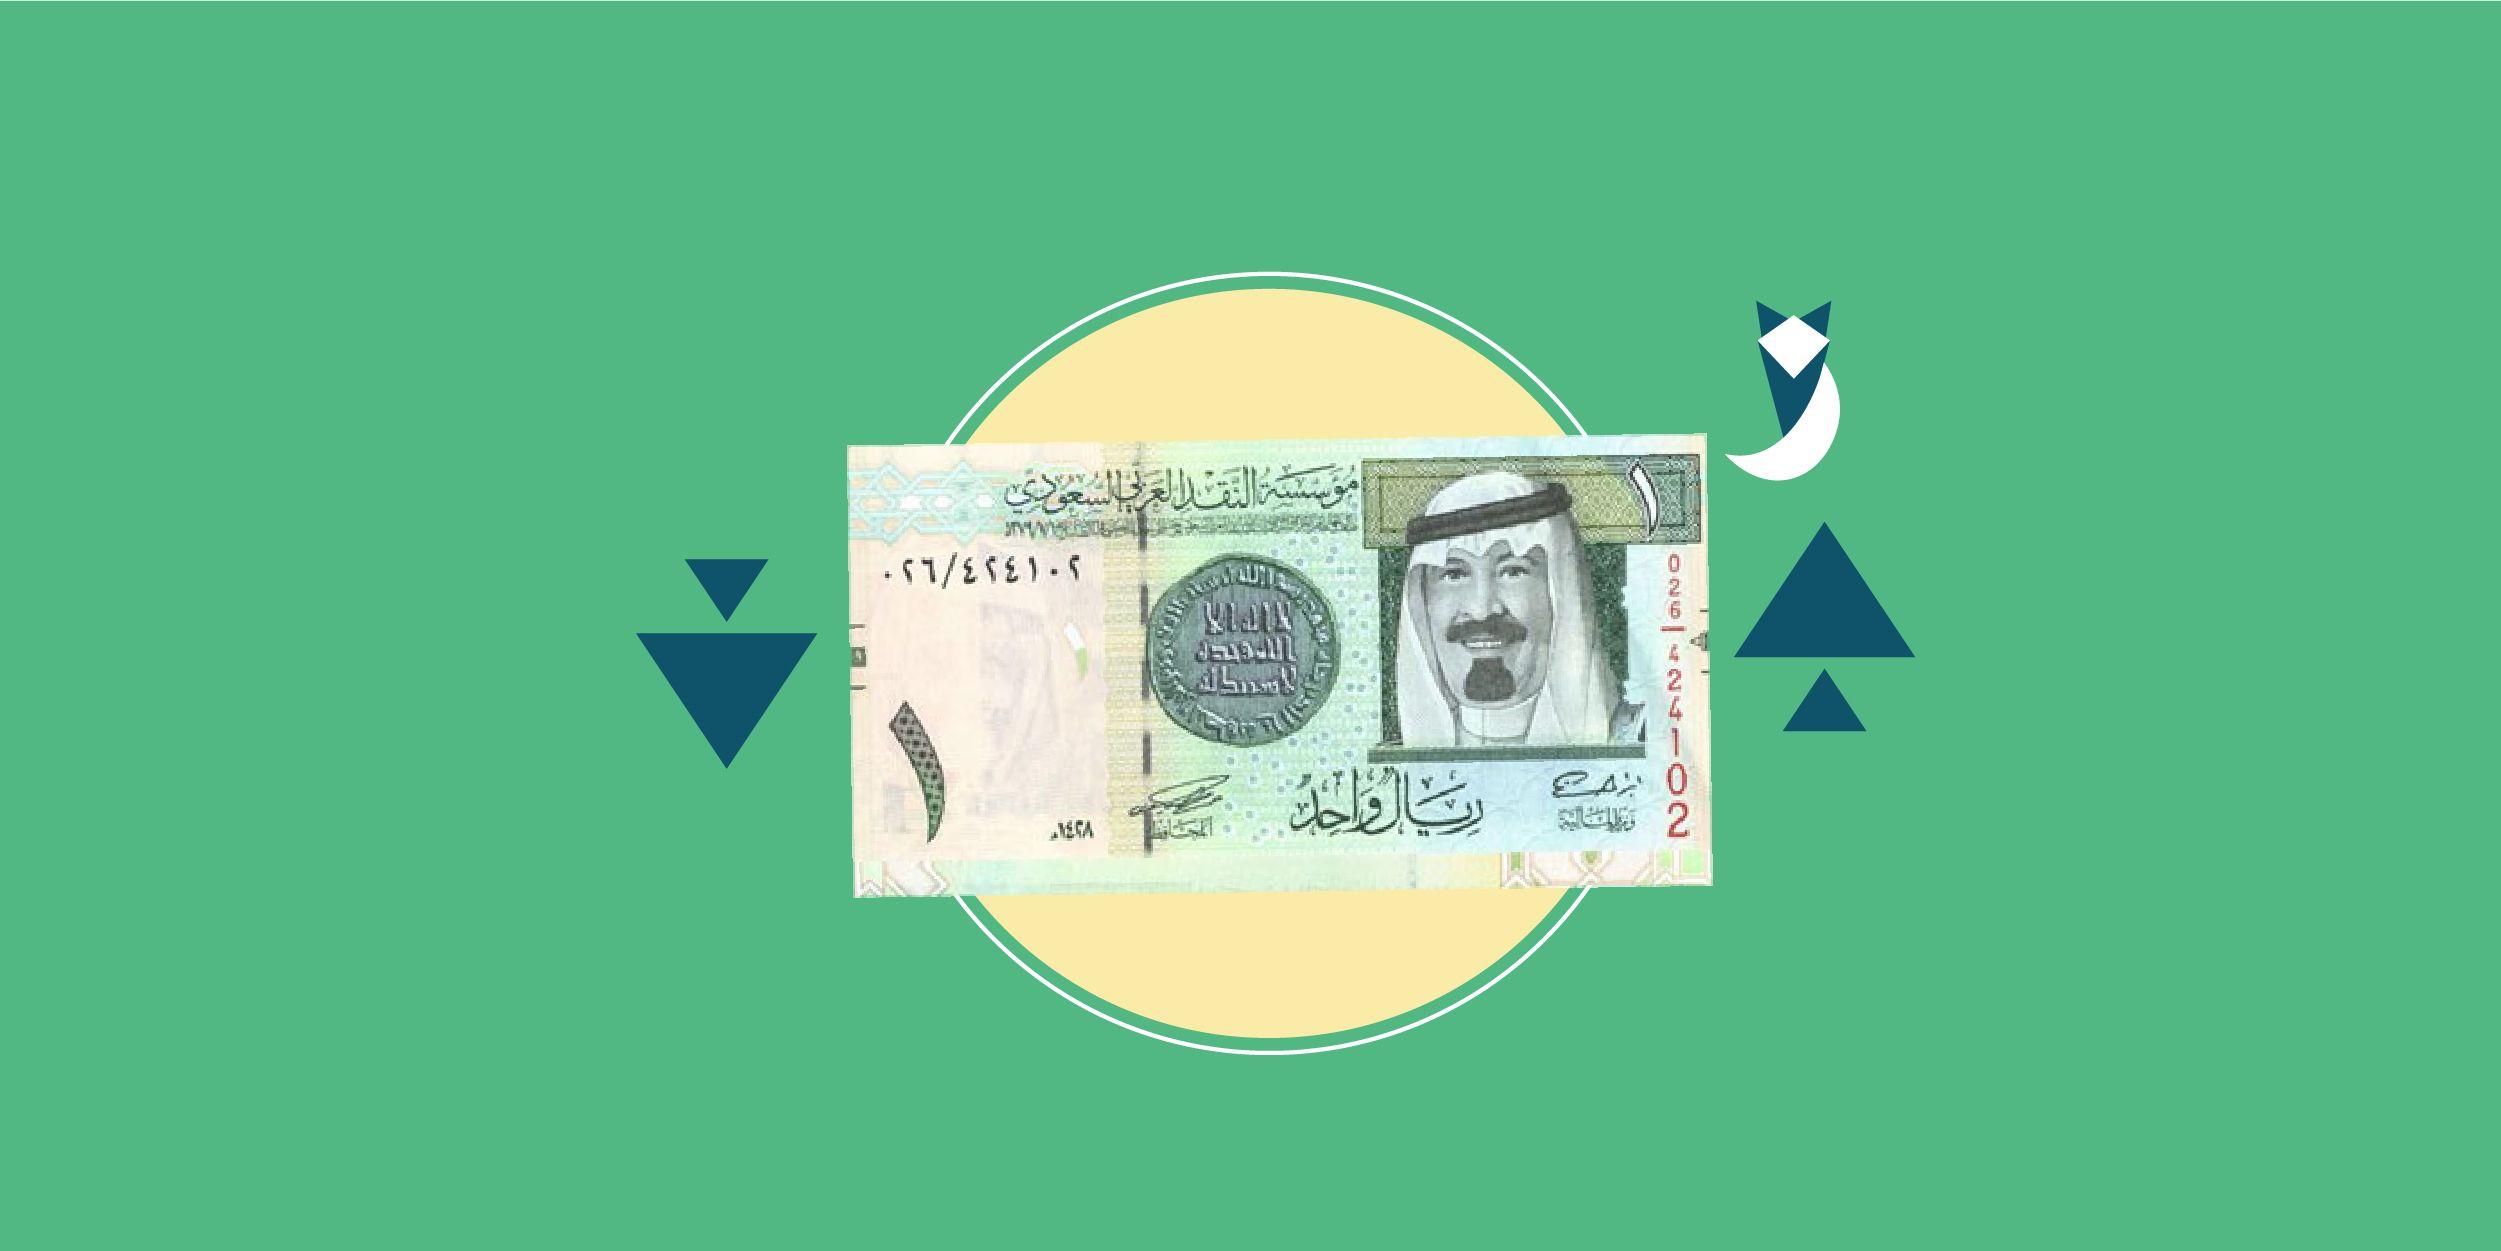 سعر الريال السعودي في البنوك اليوم: الأربعاء 14 يوليو 2021